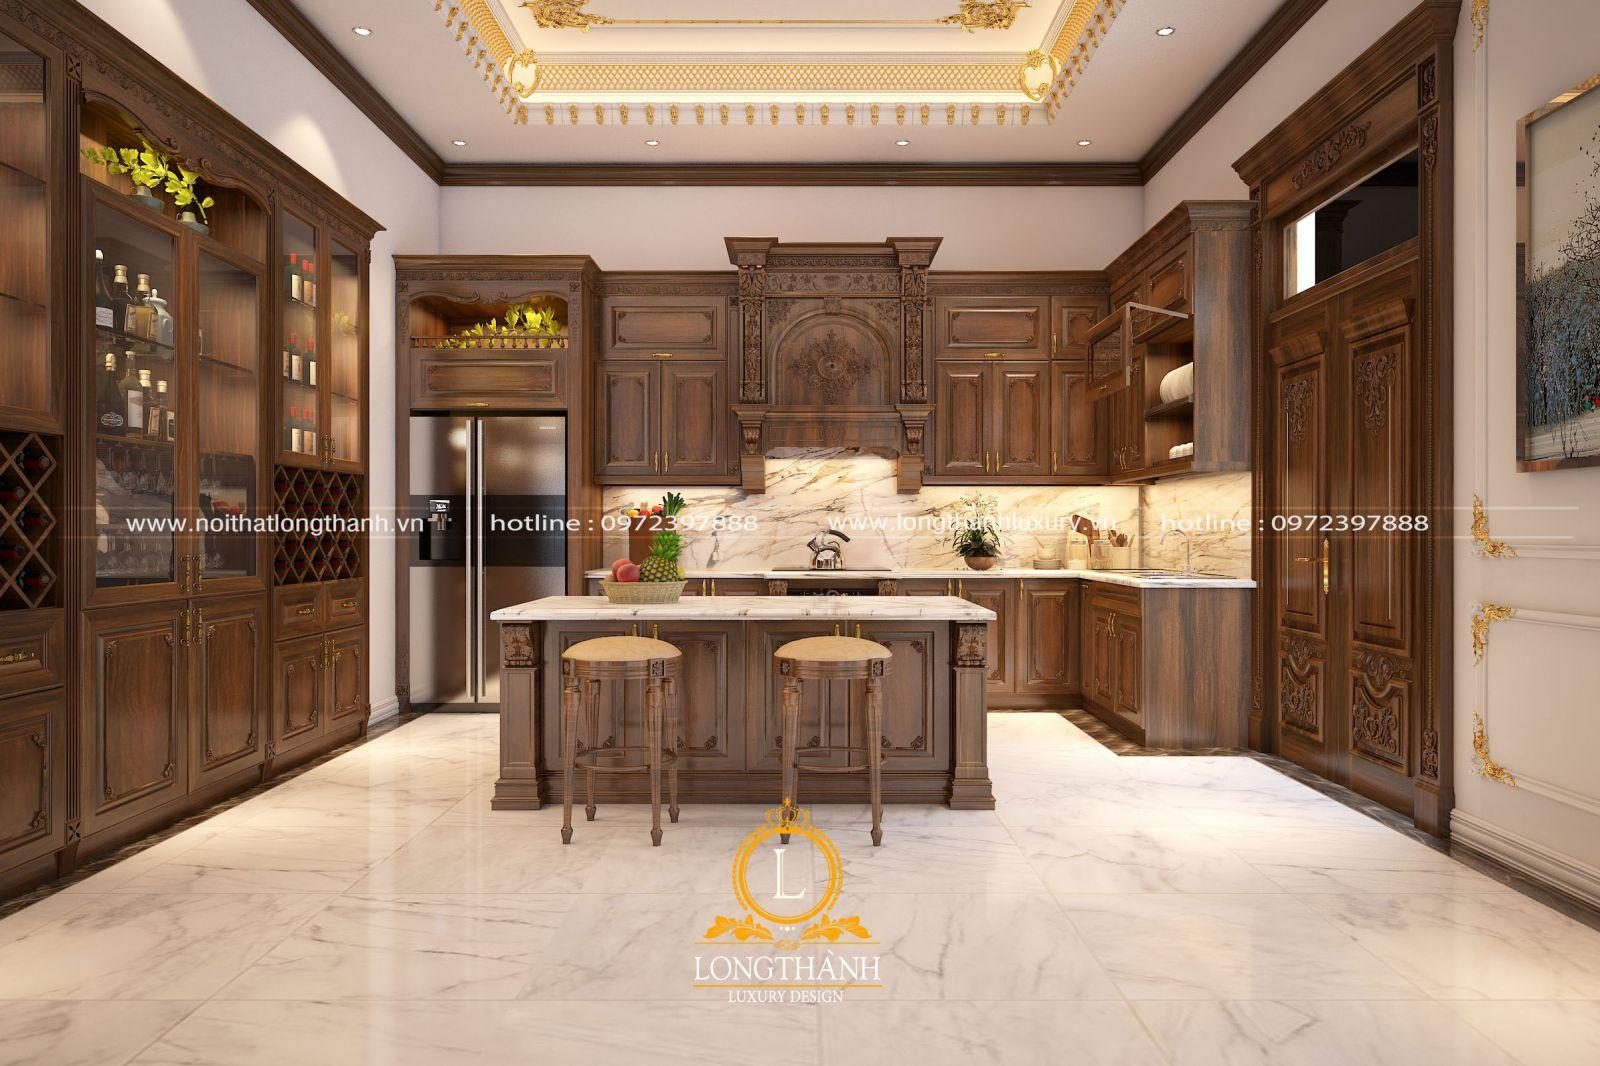 Bộ tủ  bếp tân cổ điển vô cùng sang trọng và độc đáo